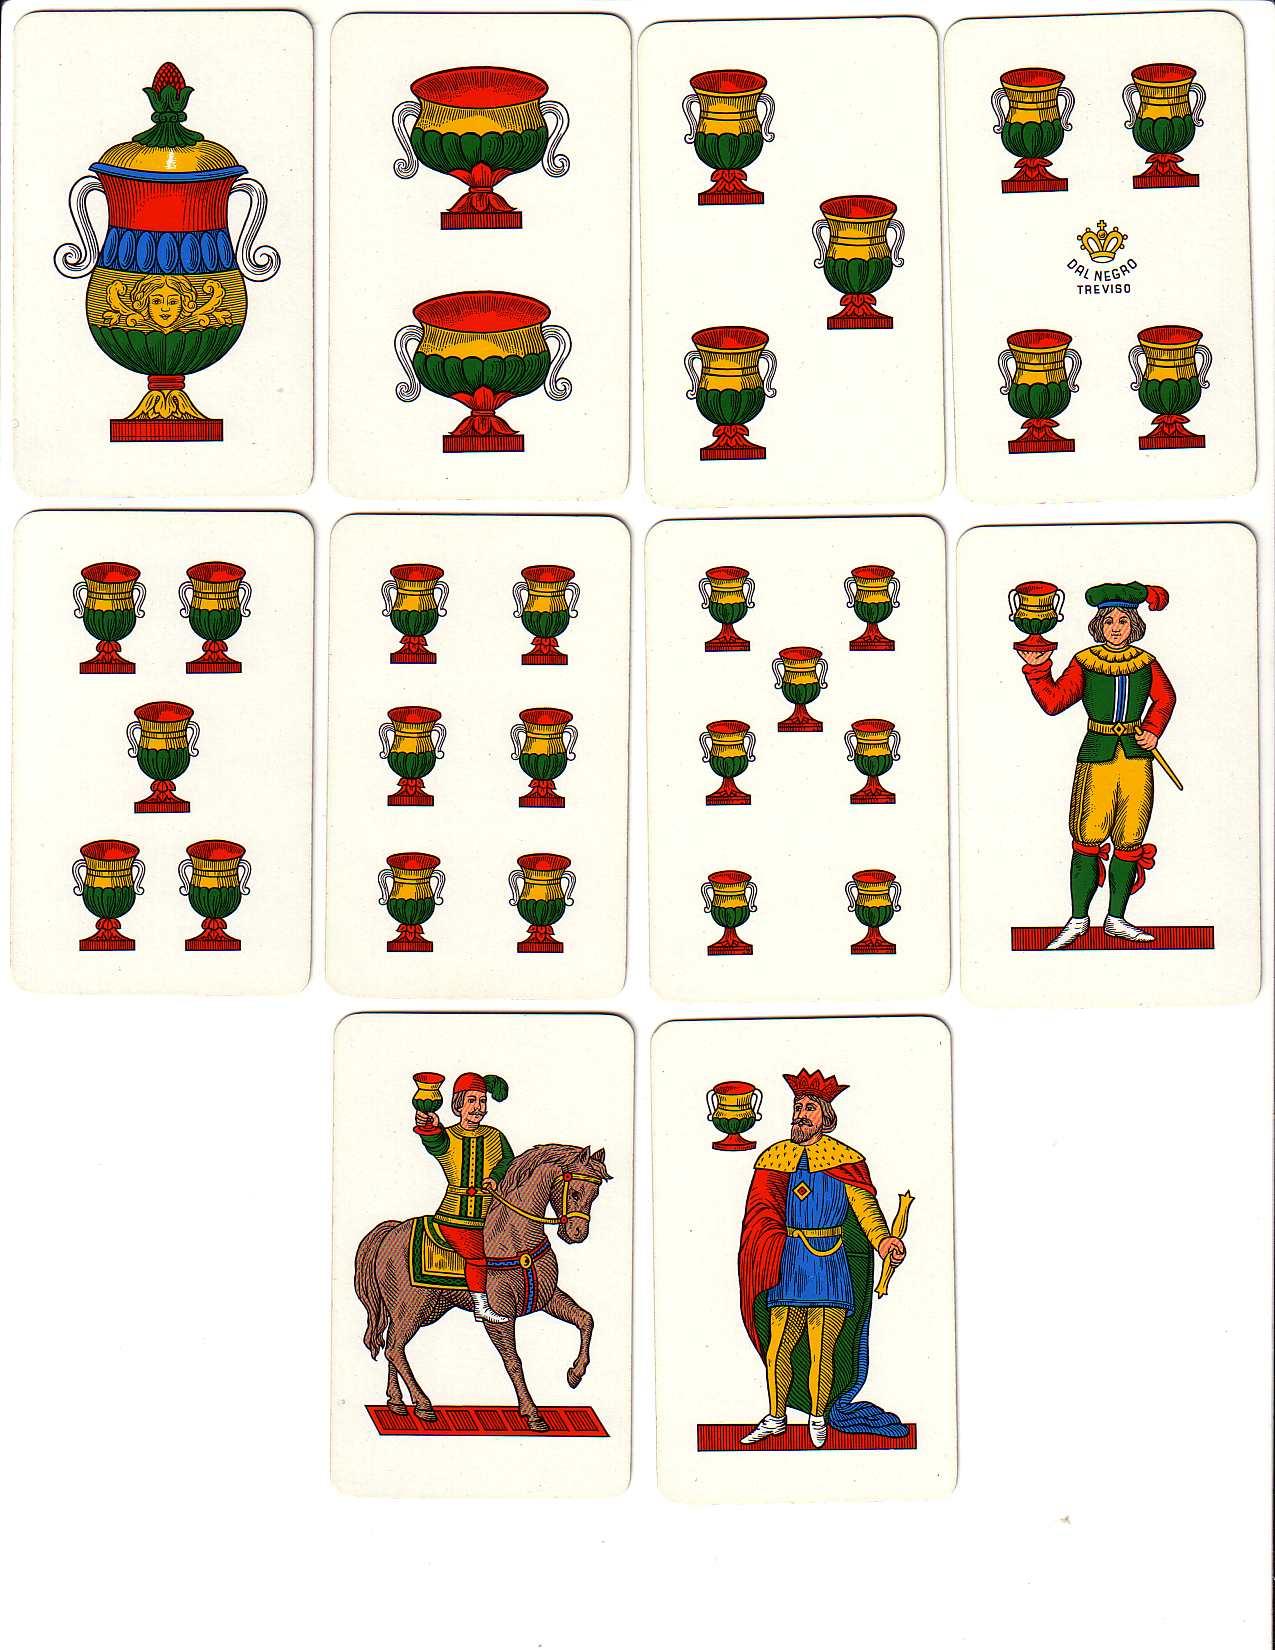 Gioco di carte siciliane